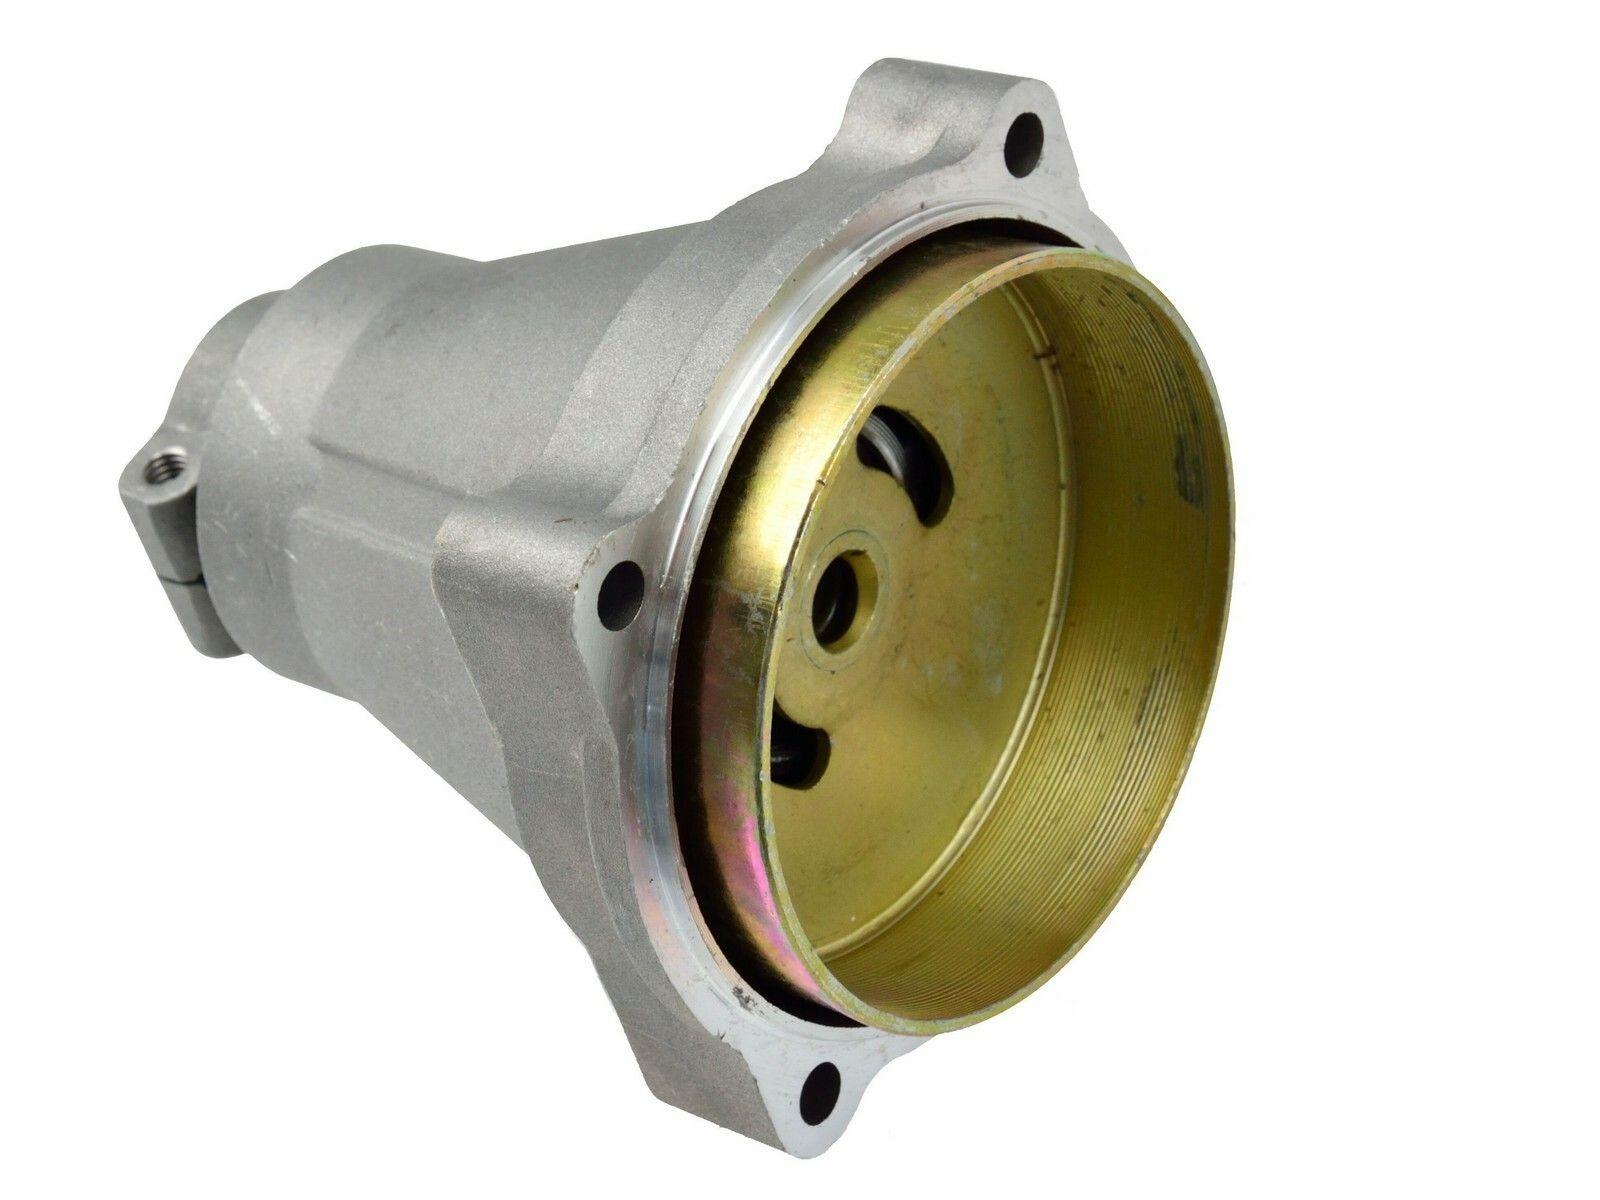 Spojkový buben pro křovinořez, 9 zubů 28 mm - náhradní díl GEKO